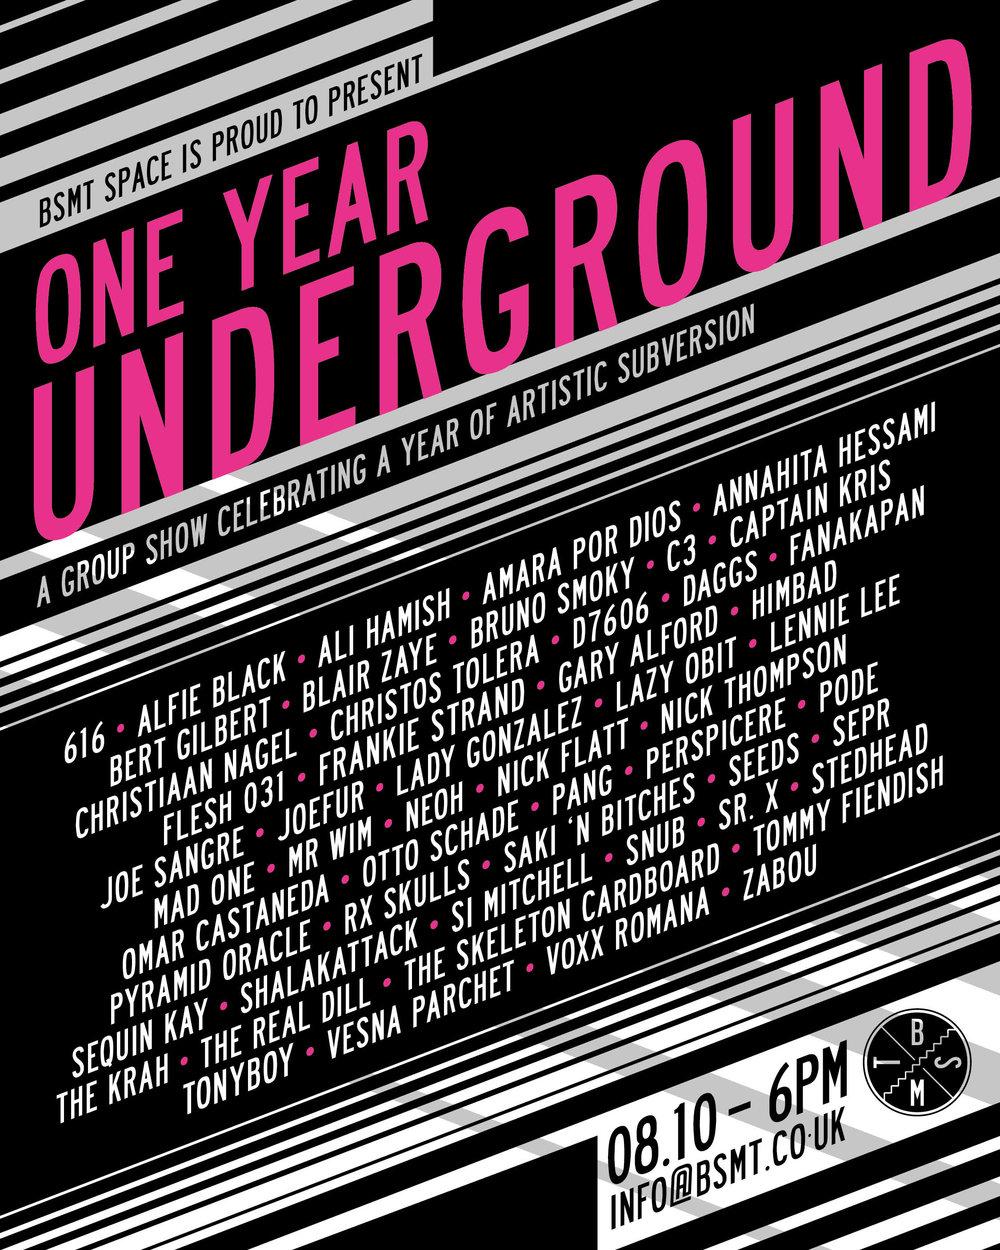 BSMT_The Real Underground_Flyer_Artist List (3).jpg